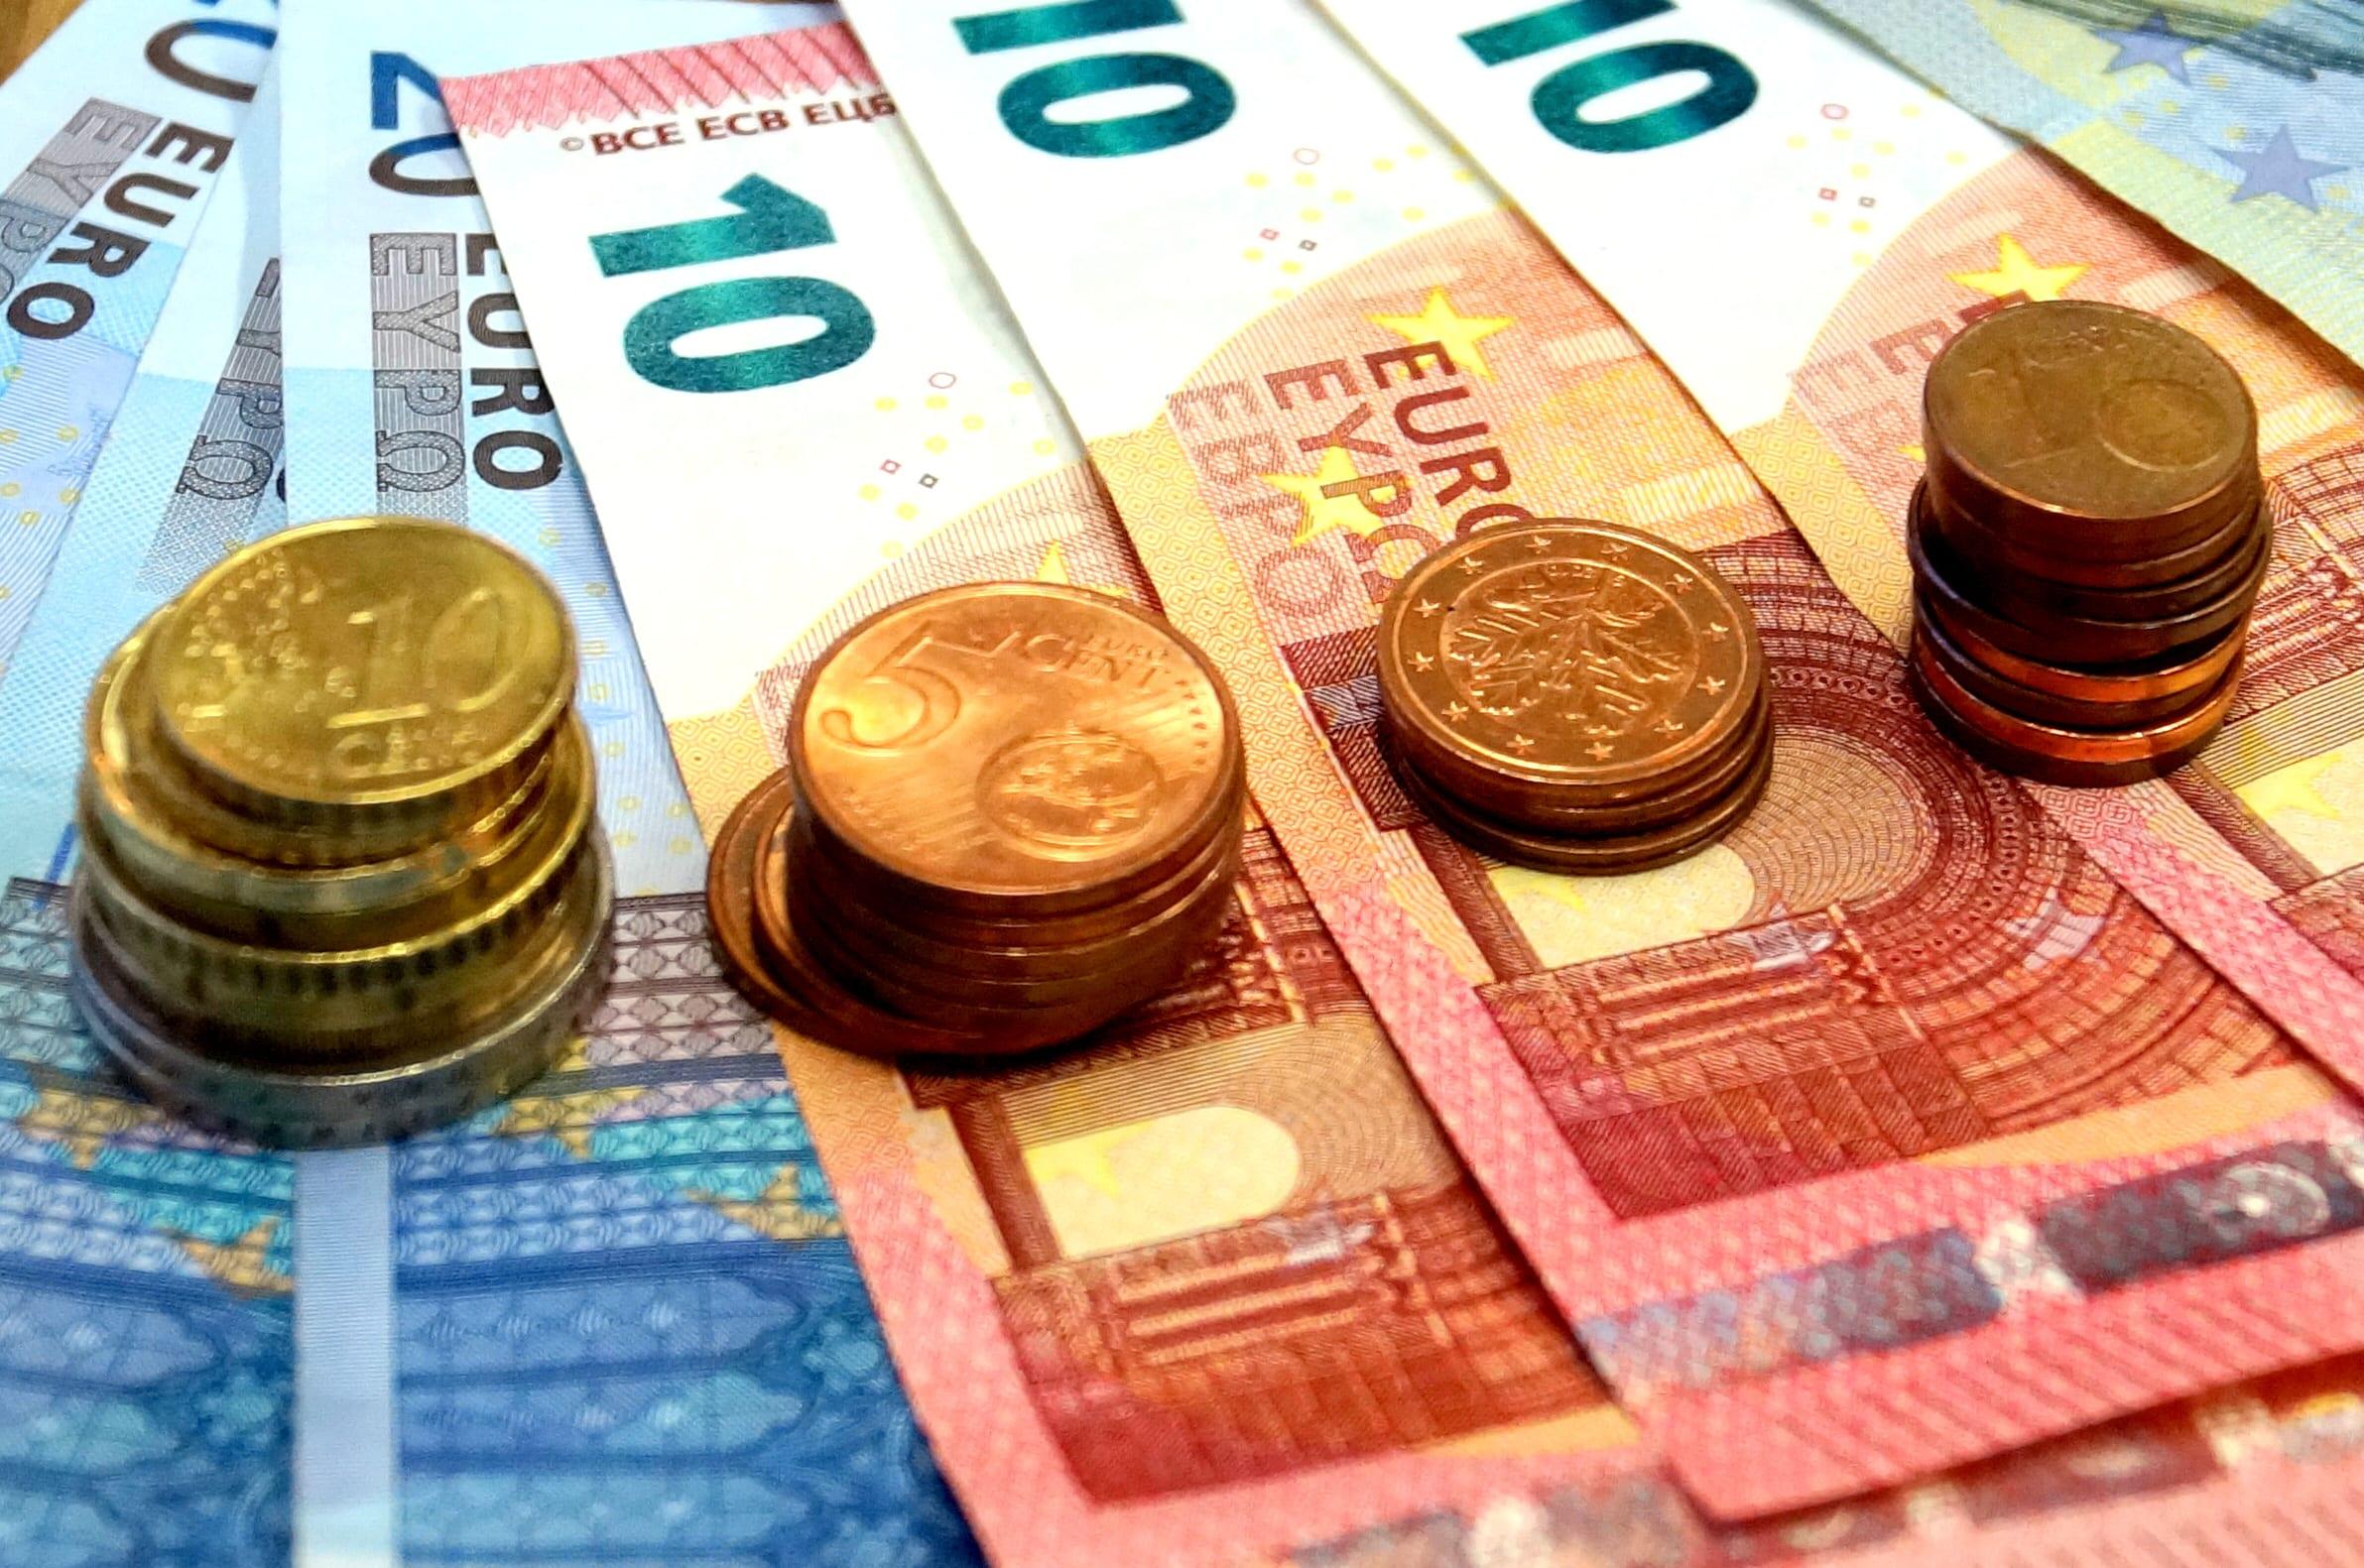 Die Kosten pro Fahrstunde können je nach Anbieter variieren. Sie sollten aber 40 Euro nicht übersteigen.